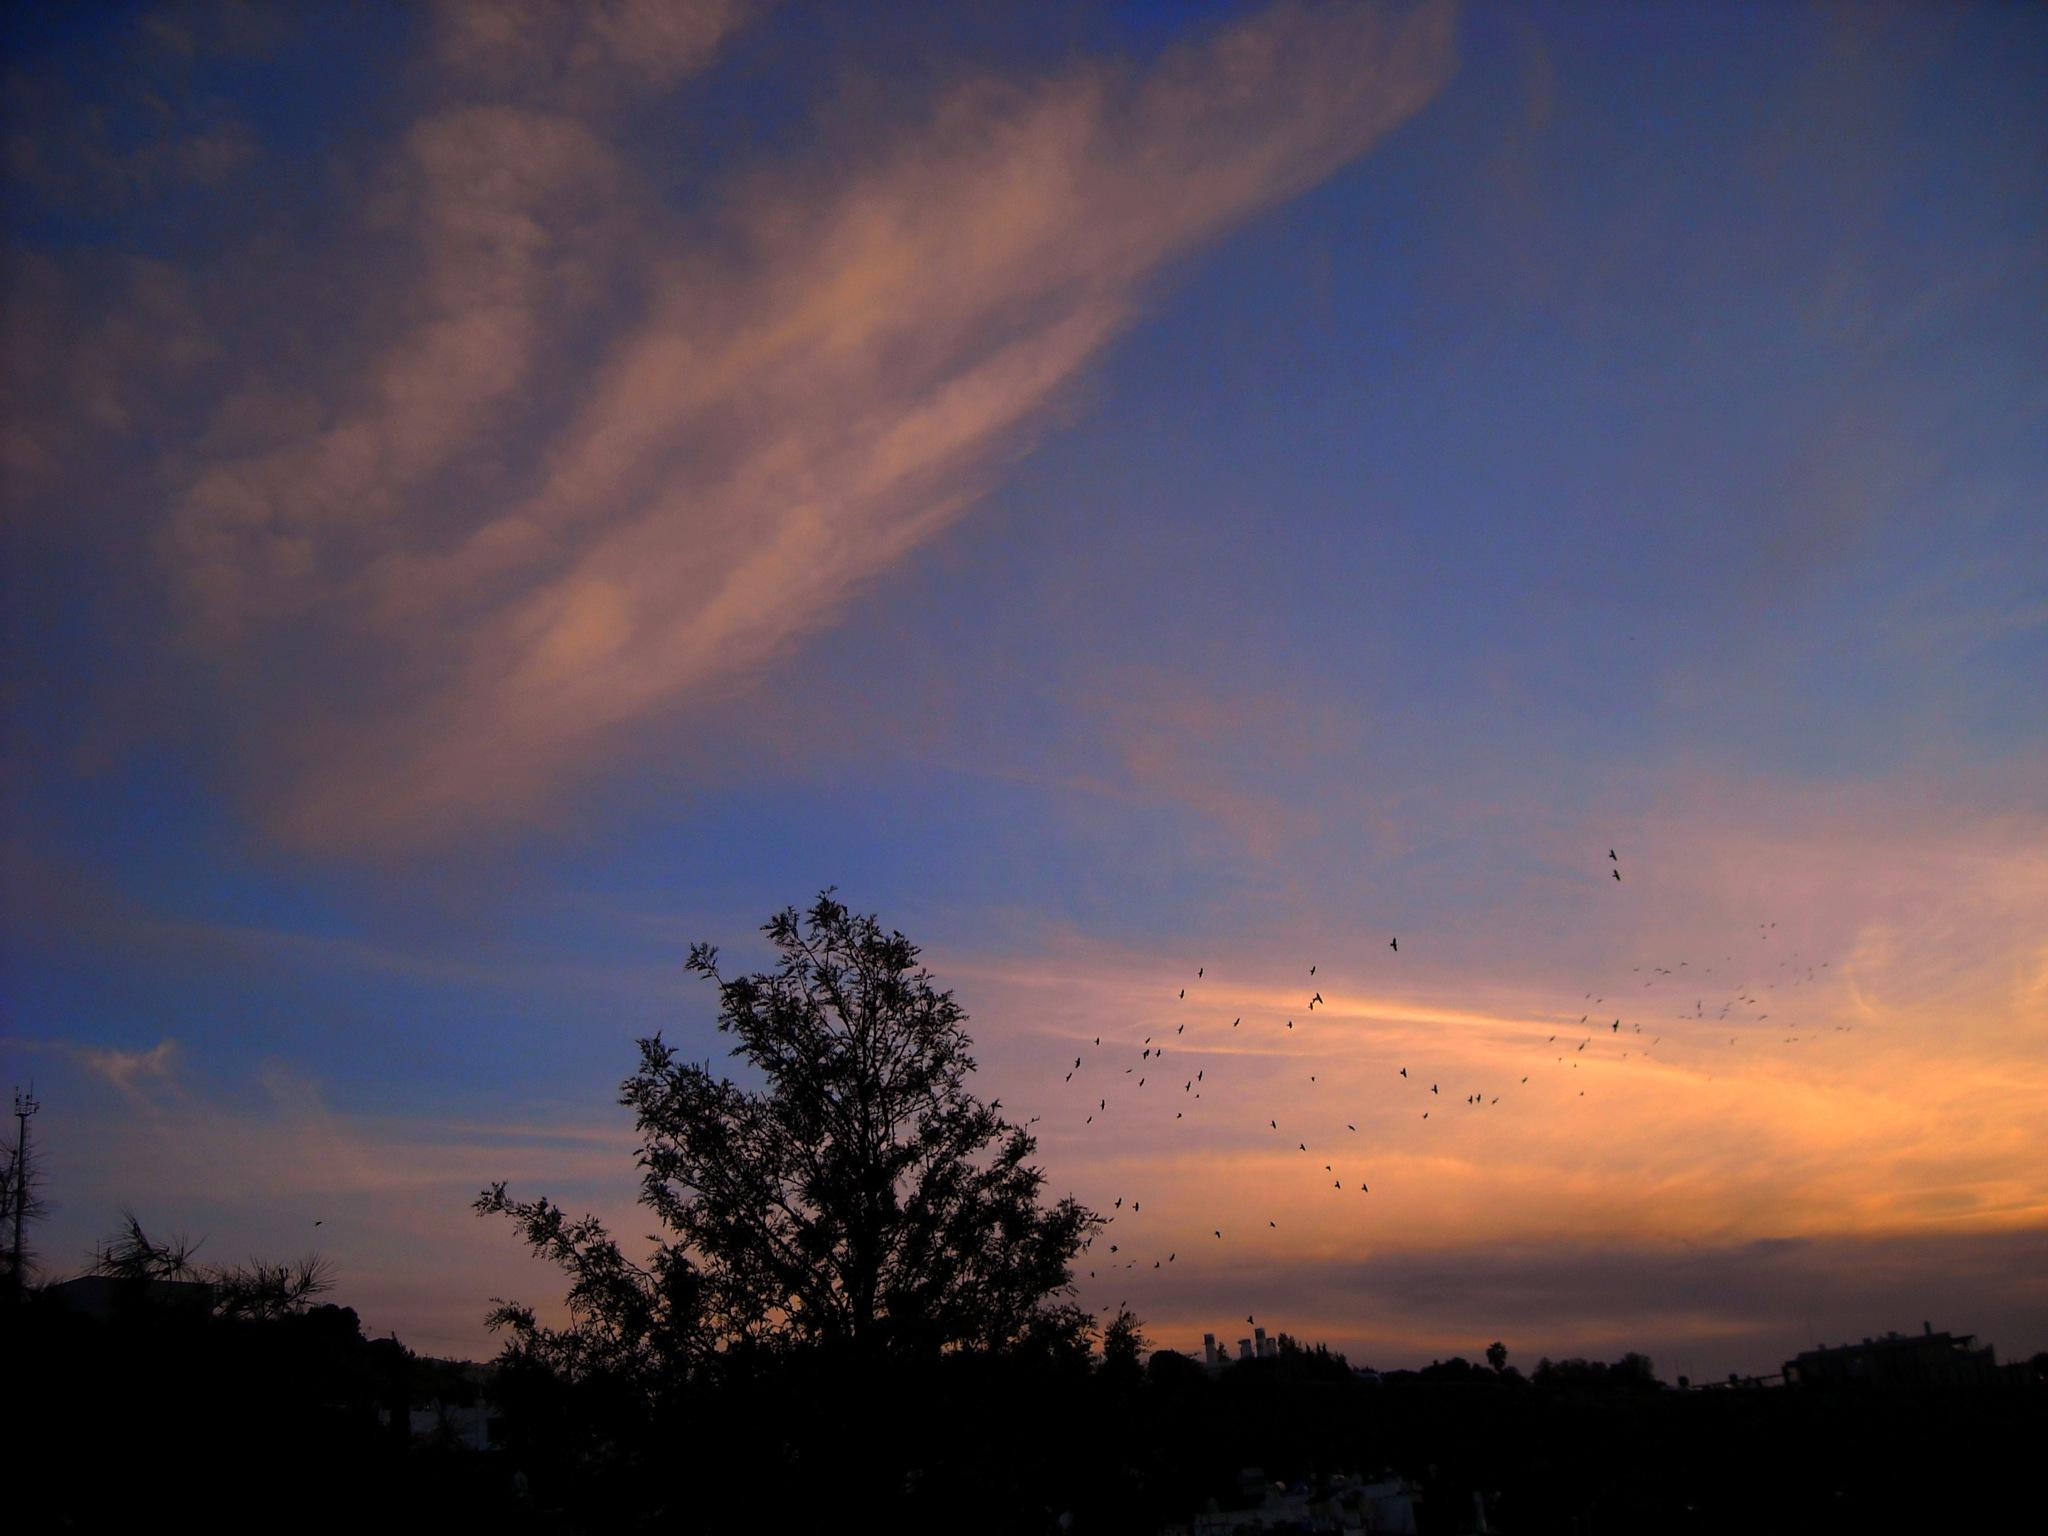 CROWS RETURN BACK AFTER SUNSET by Akin Saner